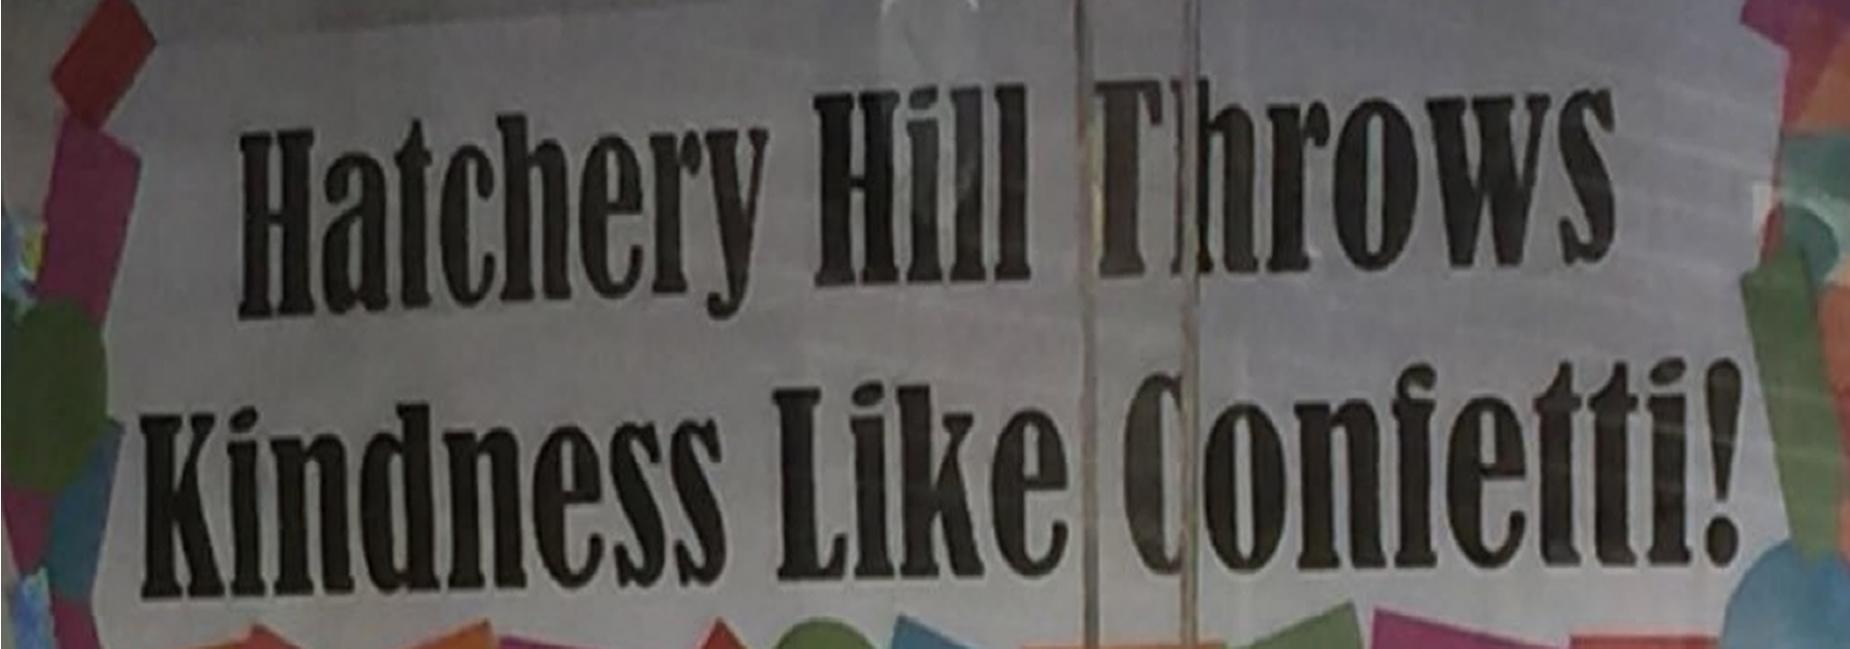 Hatchery Hill Kindness!